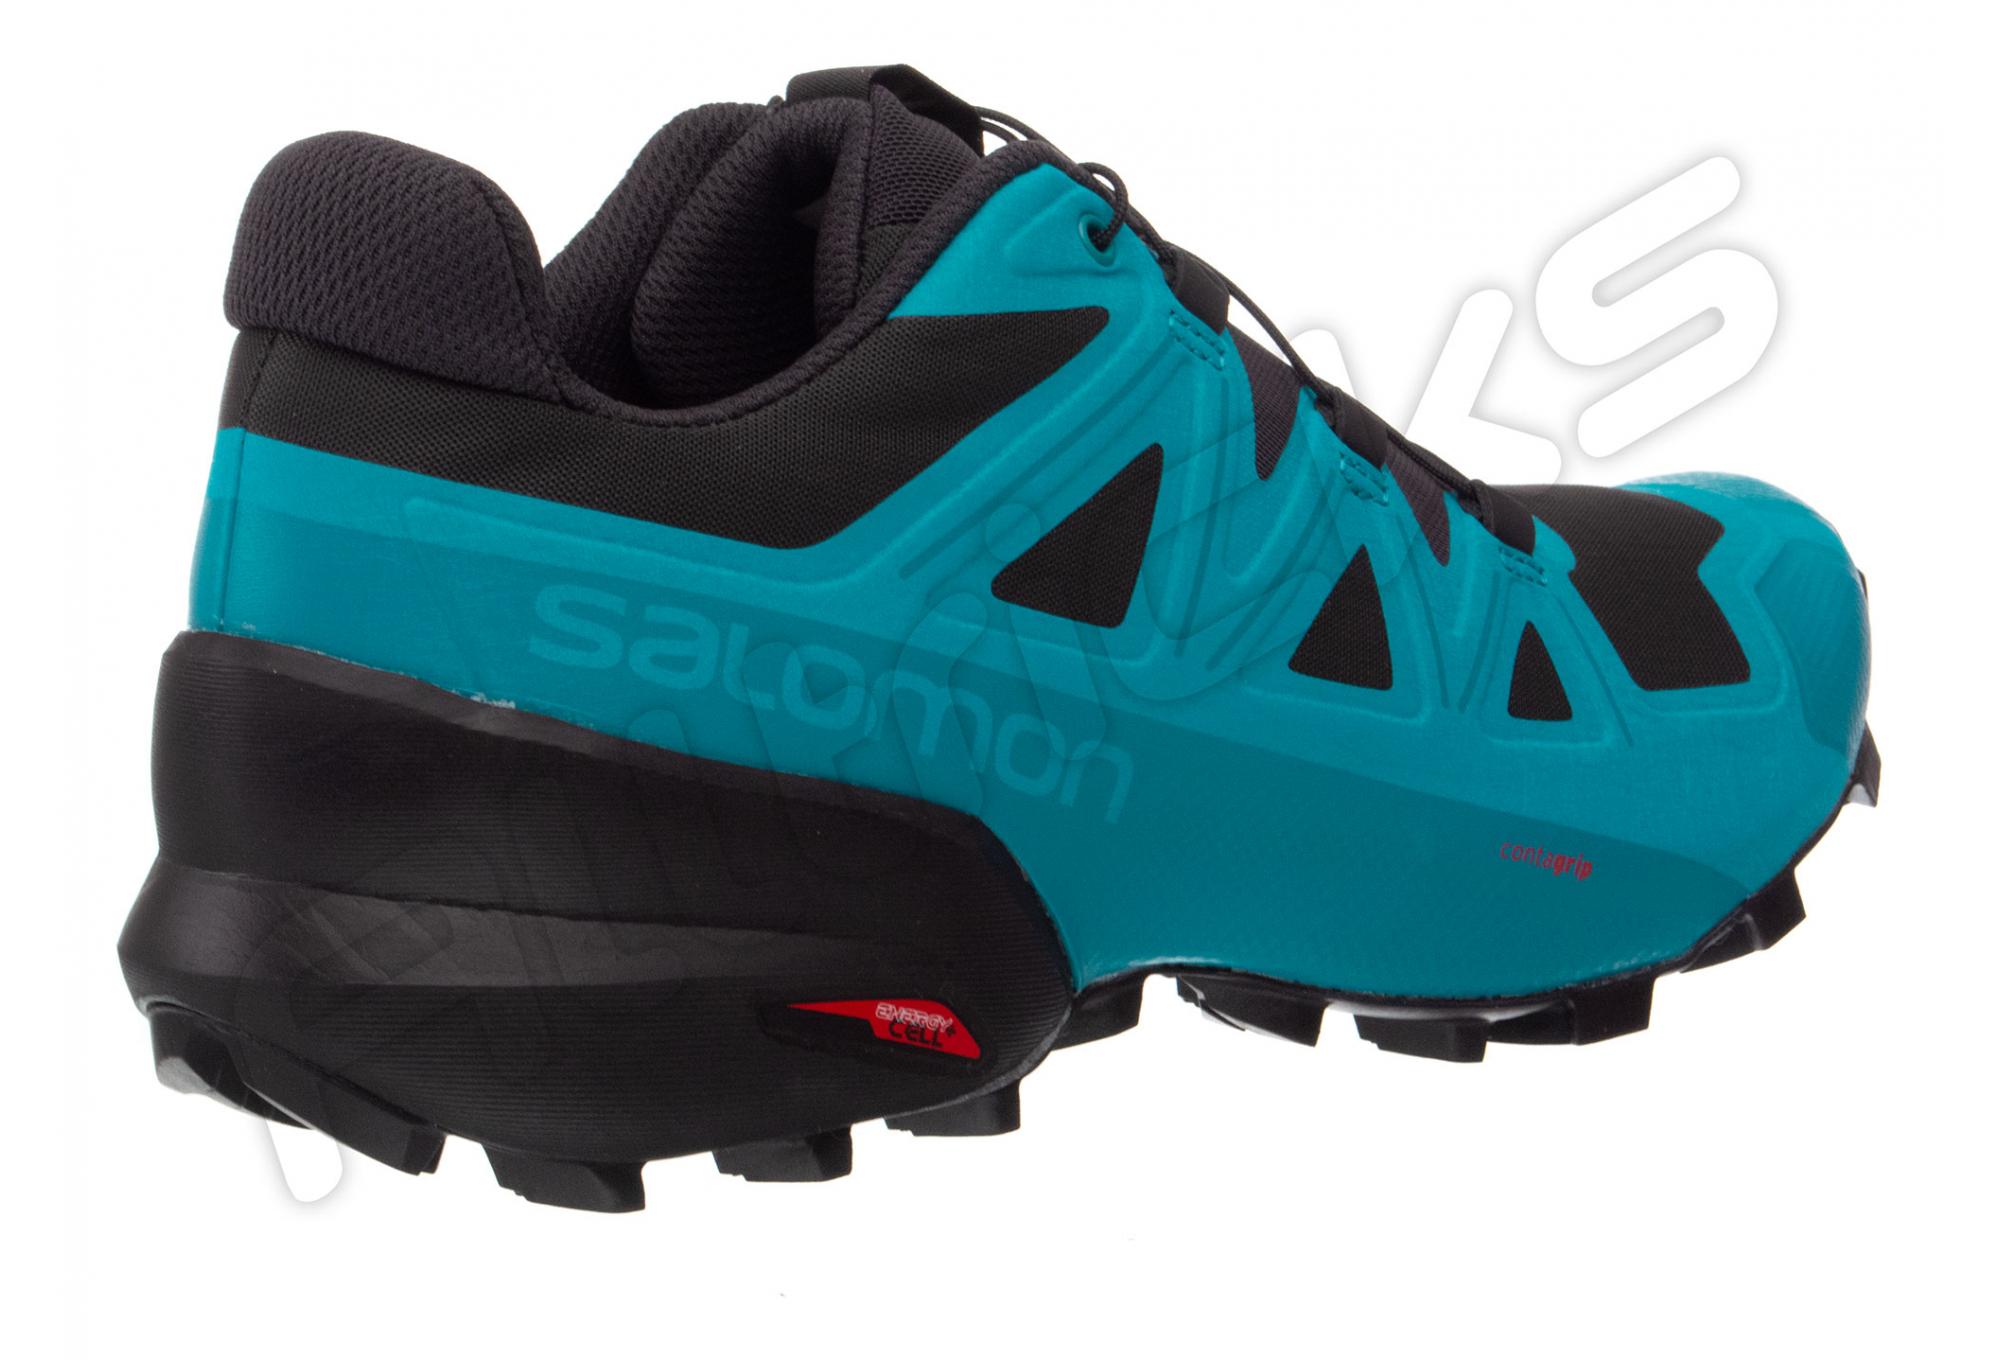 Salomon Speedcross Womens Black Size 6.5 Drop Women's 4 Cs W